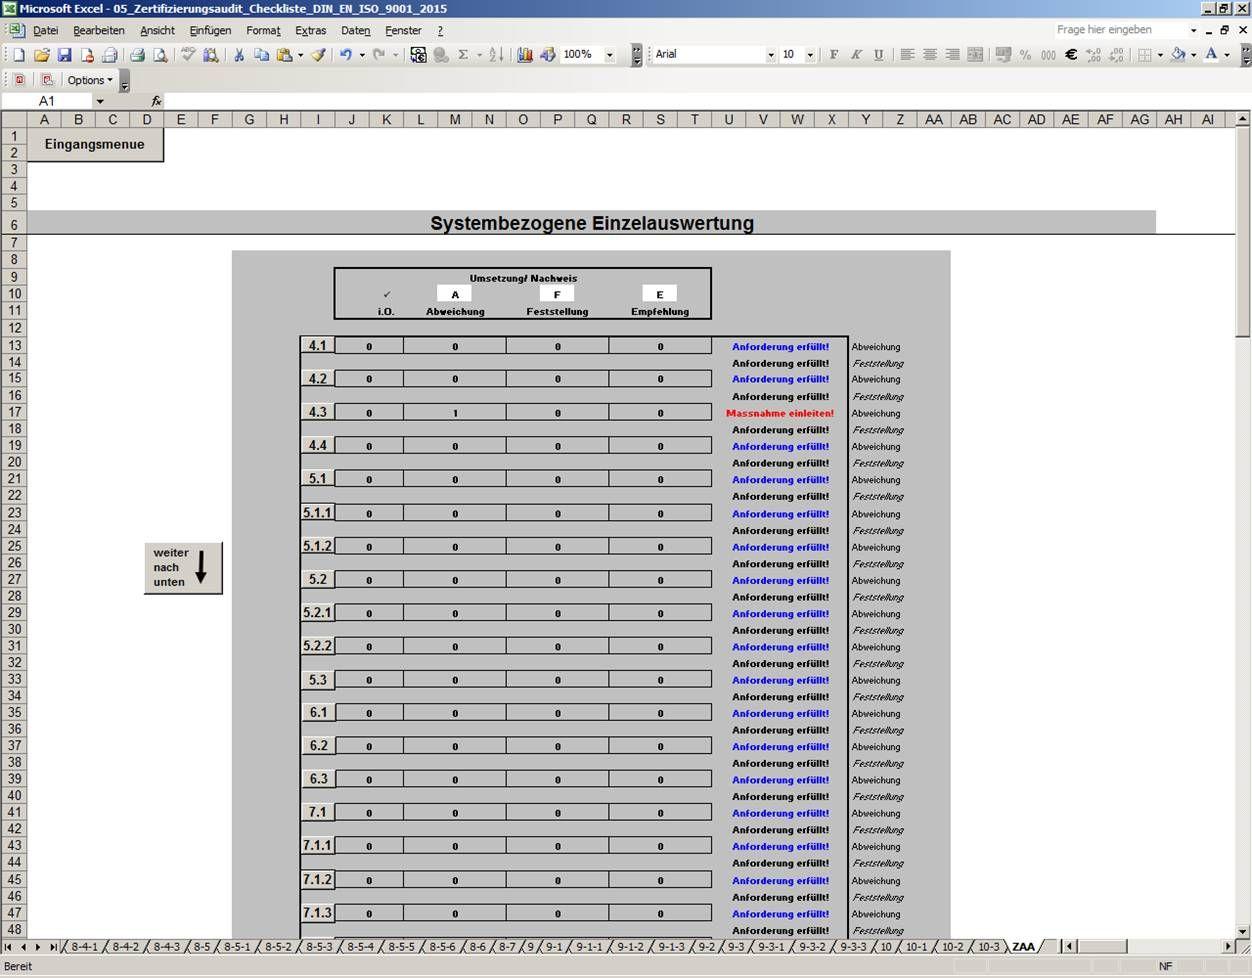 Qualitätsmanagement ISO 9001:2015 - Excel Auditcheckliste